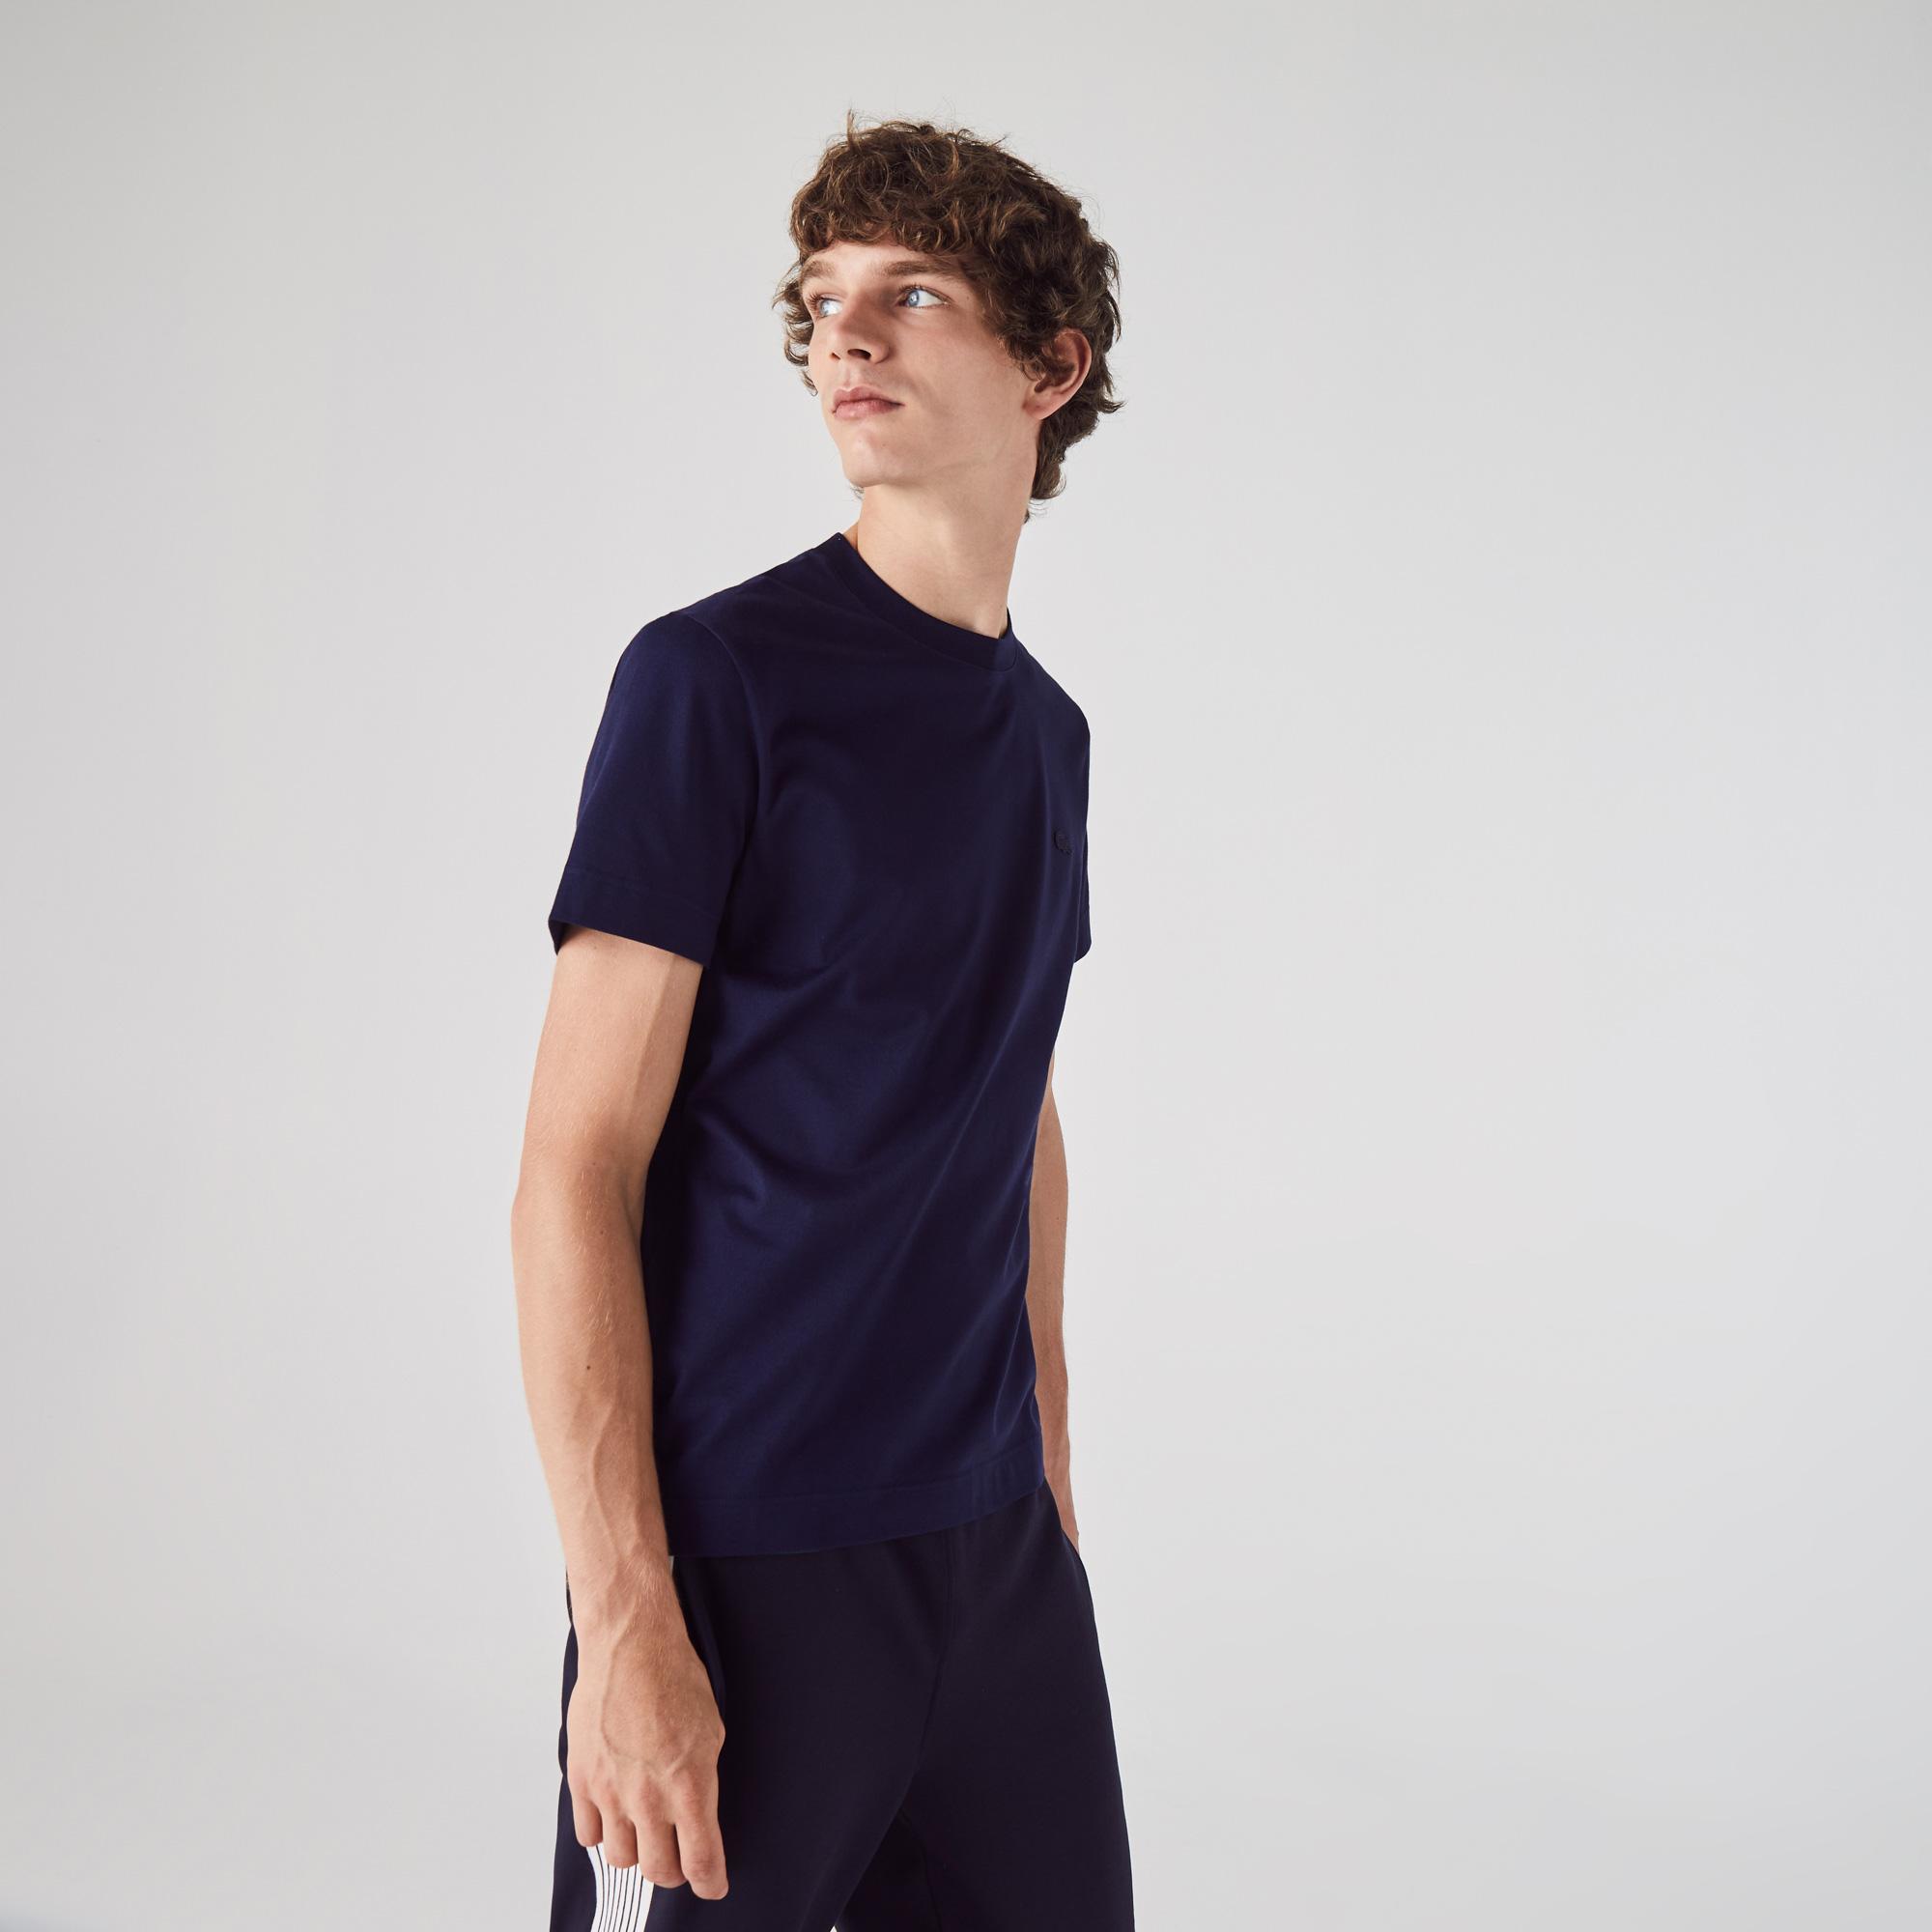 Lacoste Męski Bawełniany T-Shirt Z Okrągłym Wycięciem Pod Szyją